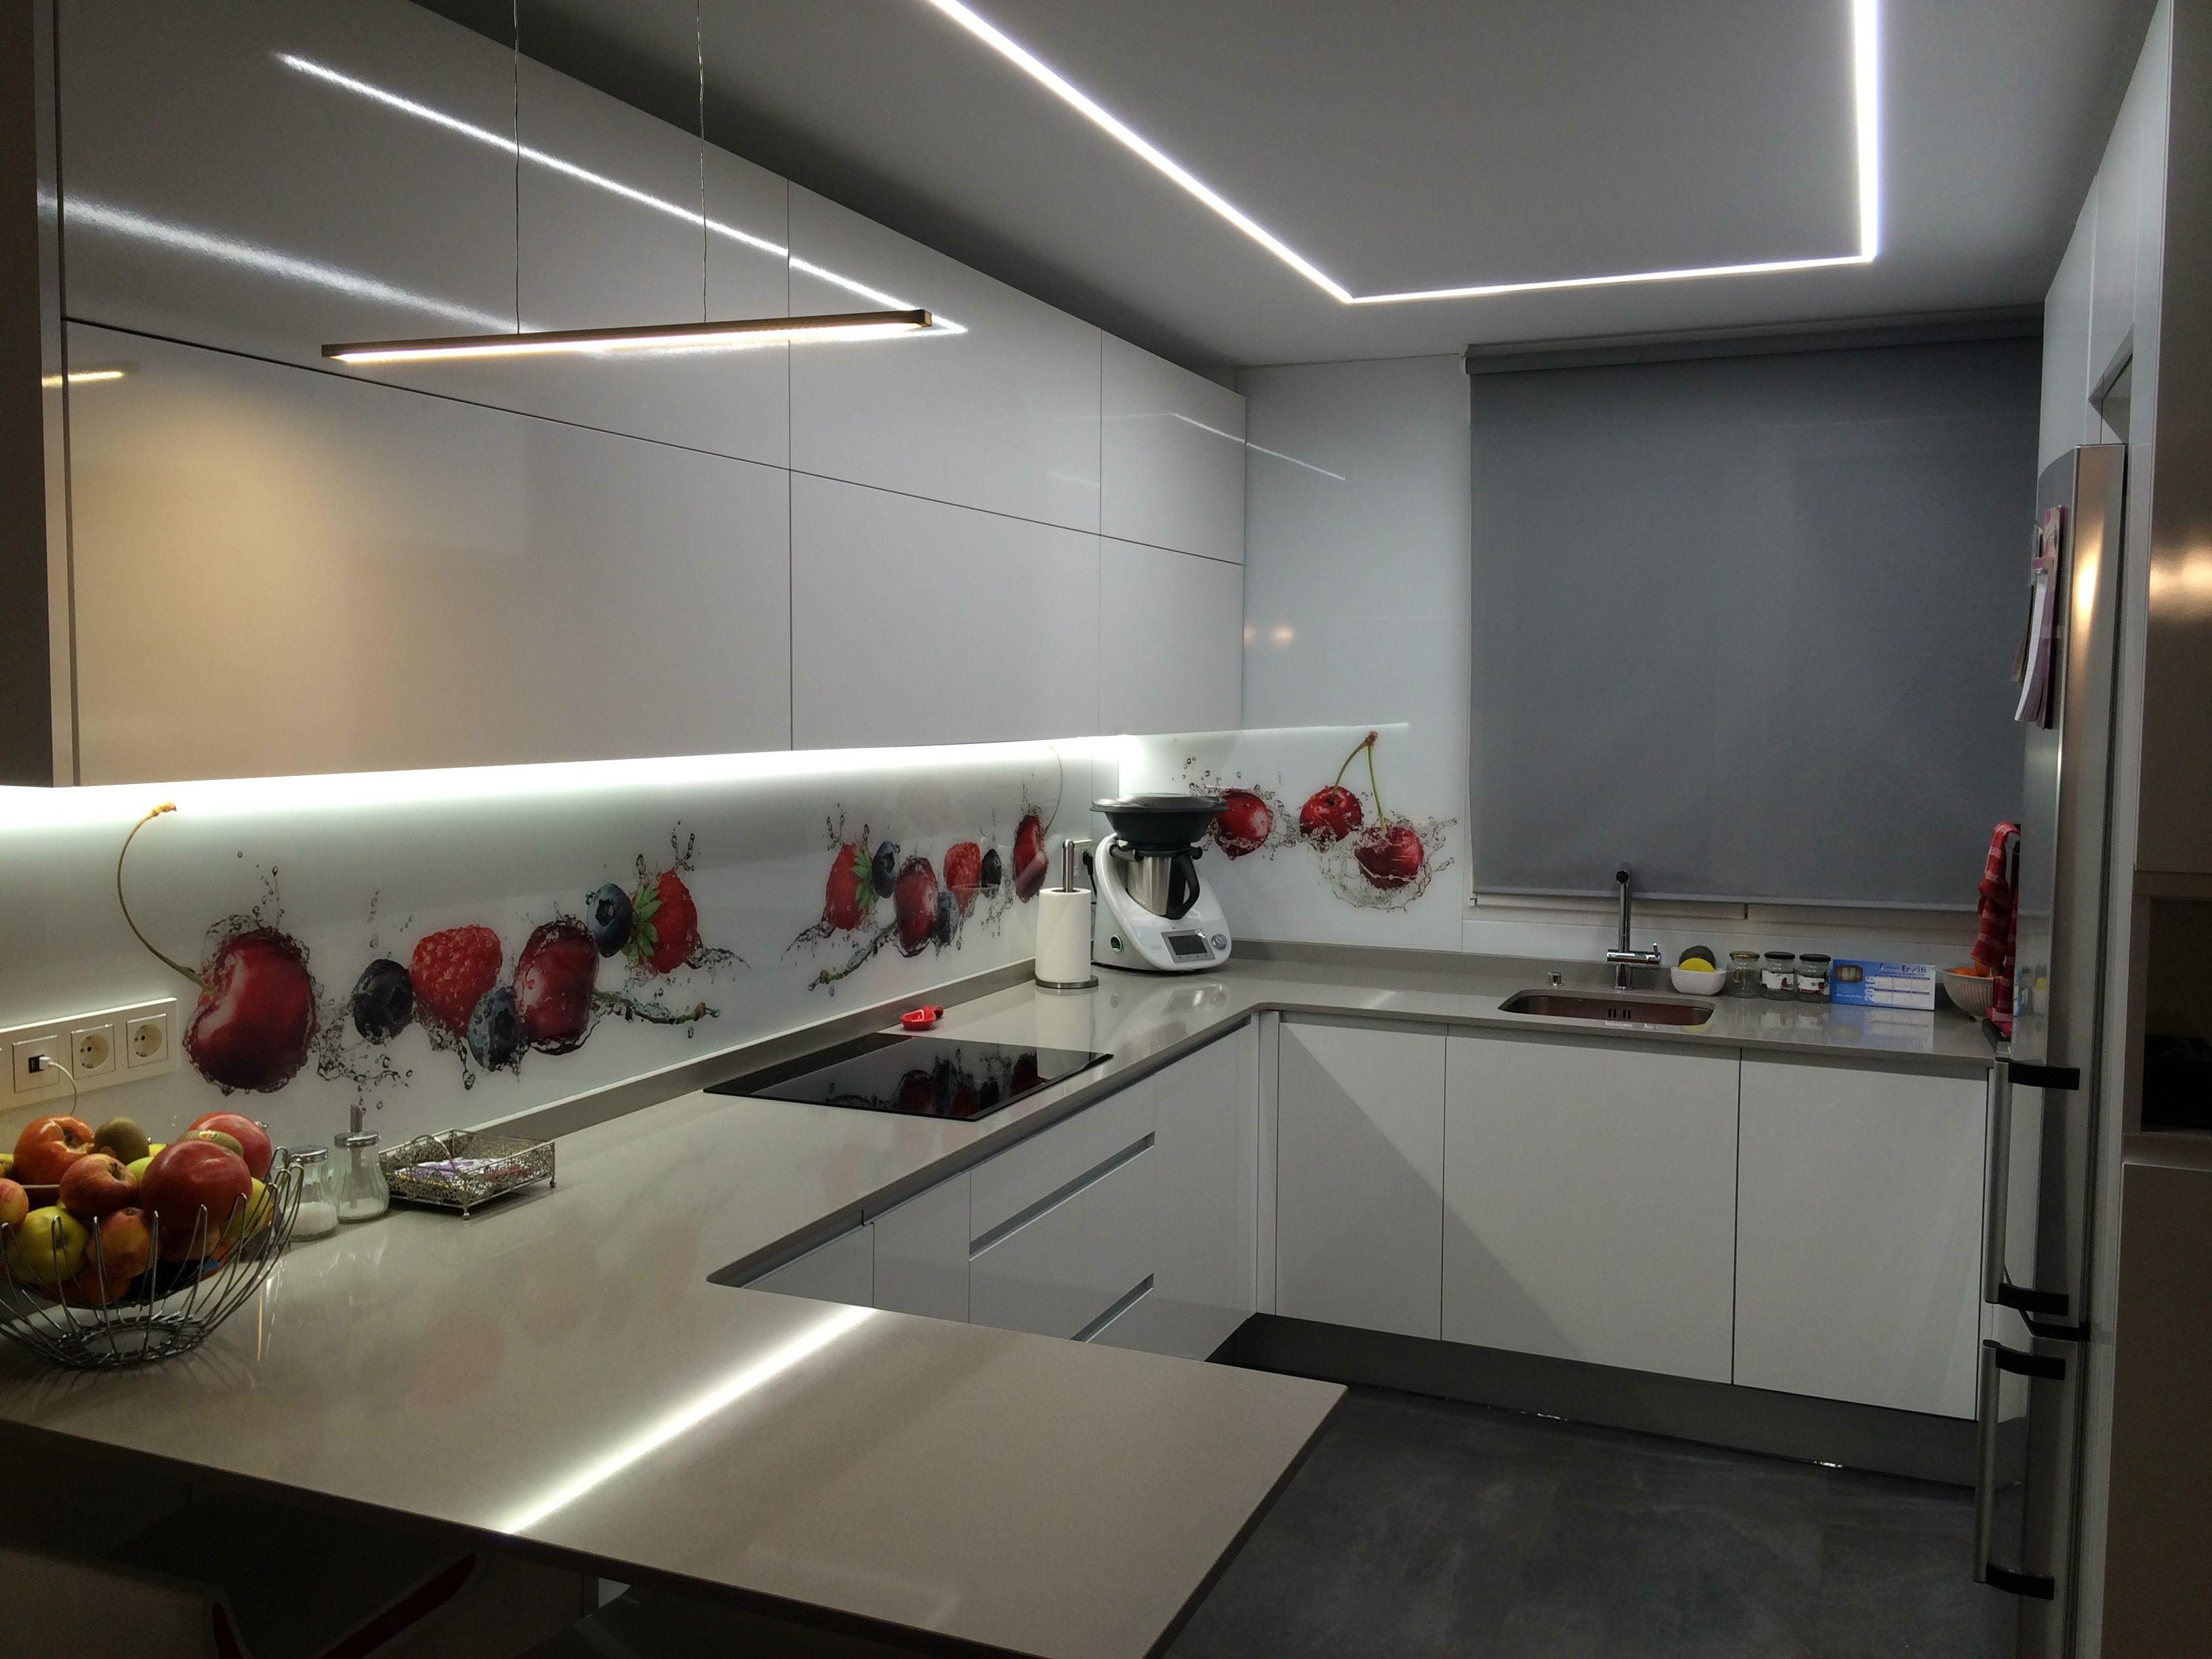 Cocina moderna con luz led en el techo y bajo el mueble for Frente cocina cristal